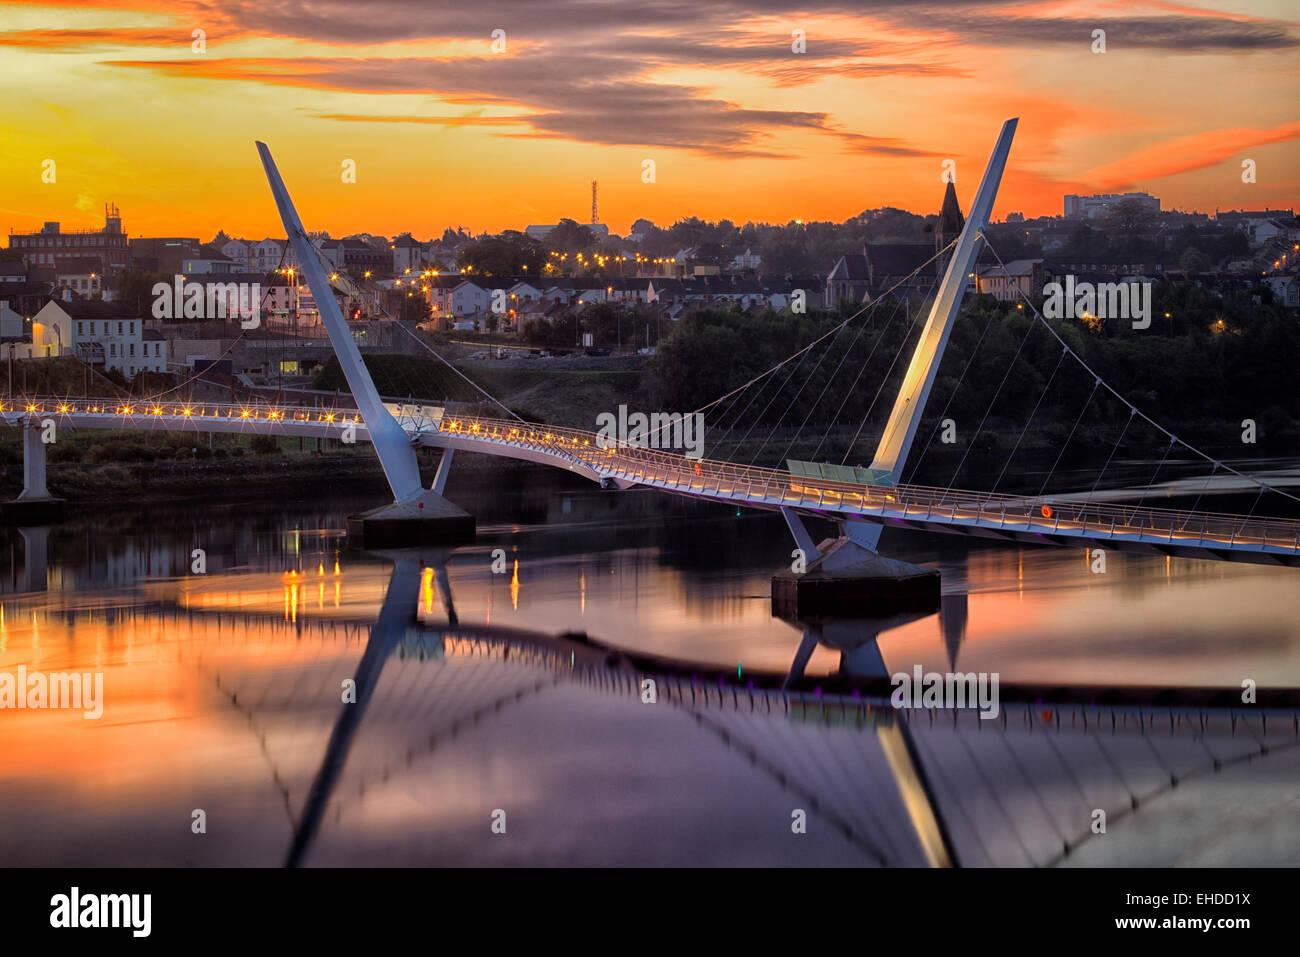 El Puente de la paz. Derry/Londonderry, Irlanda del Norte. Imagen De Stock